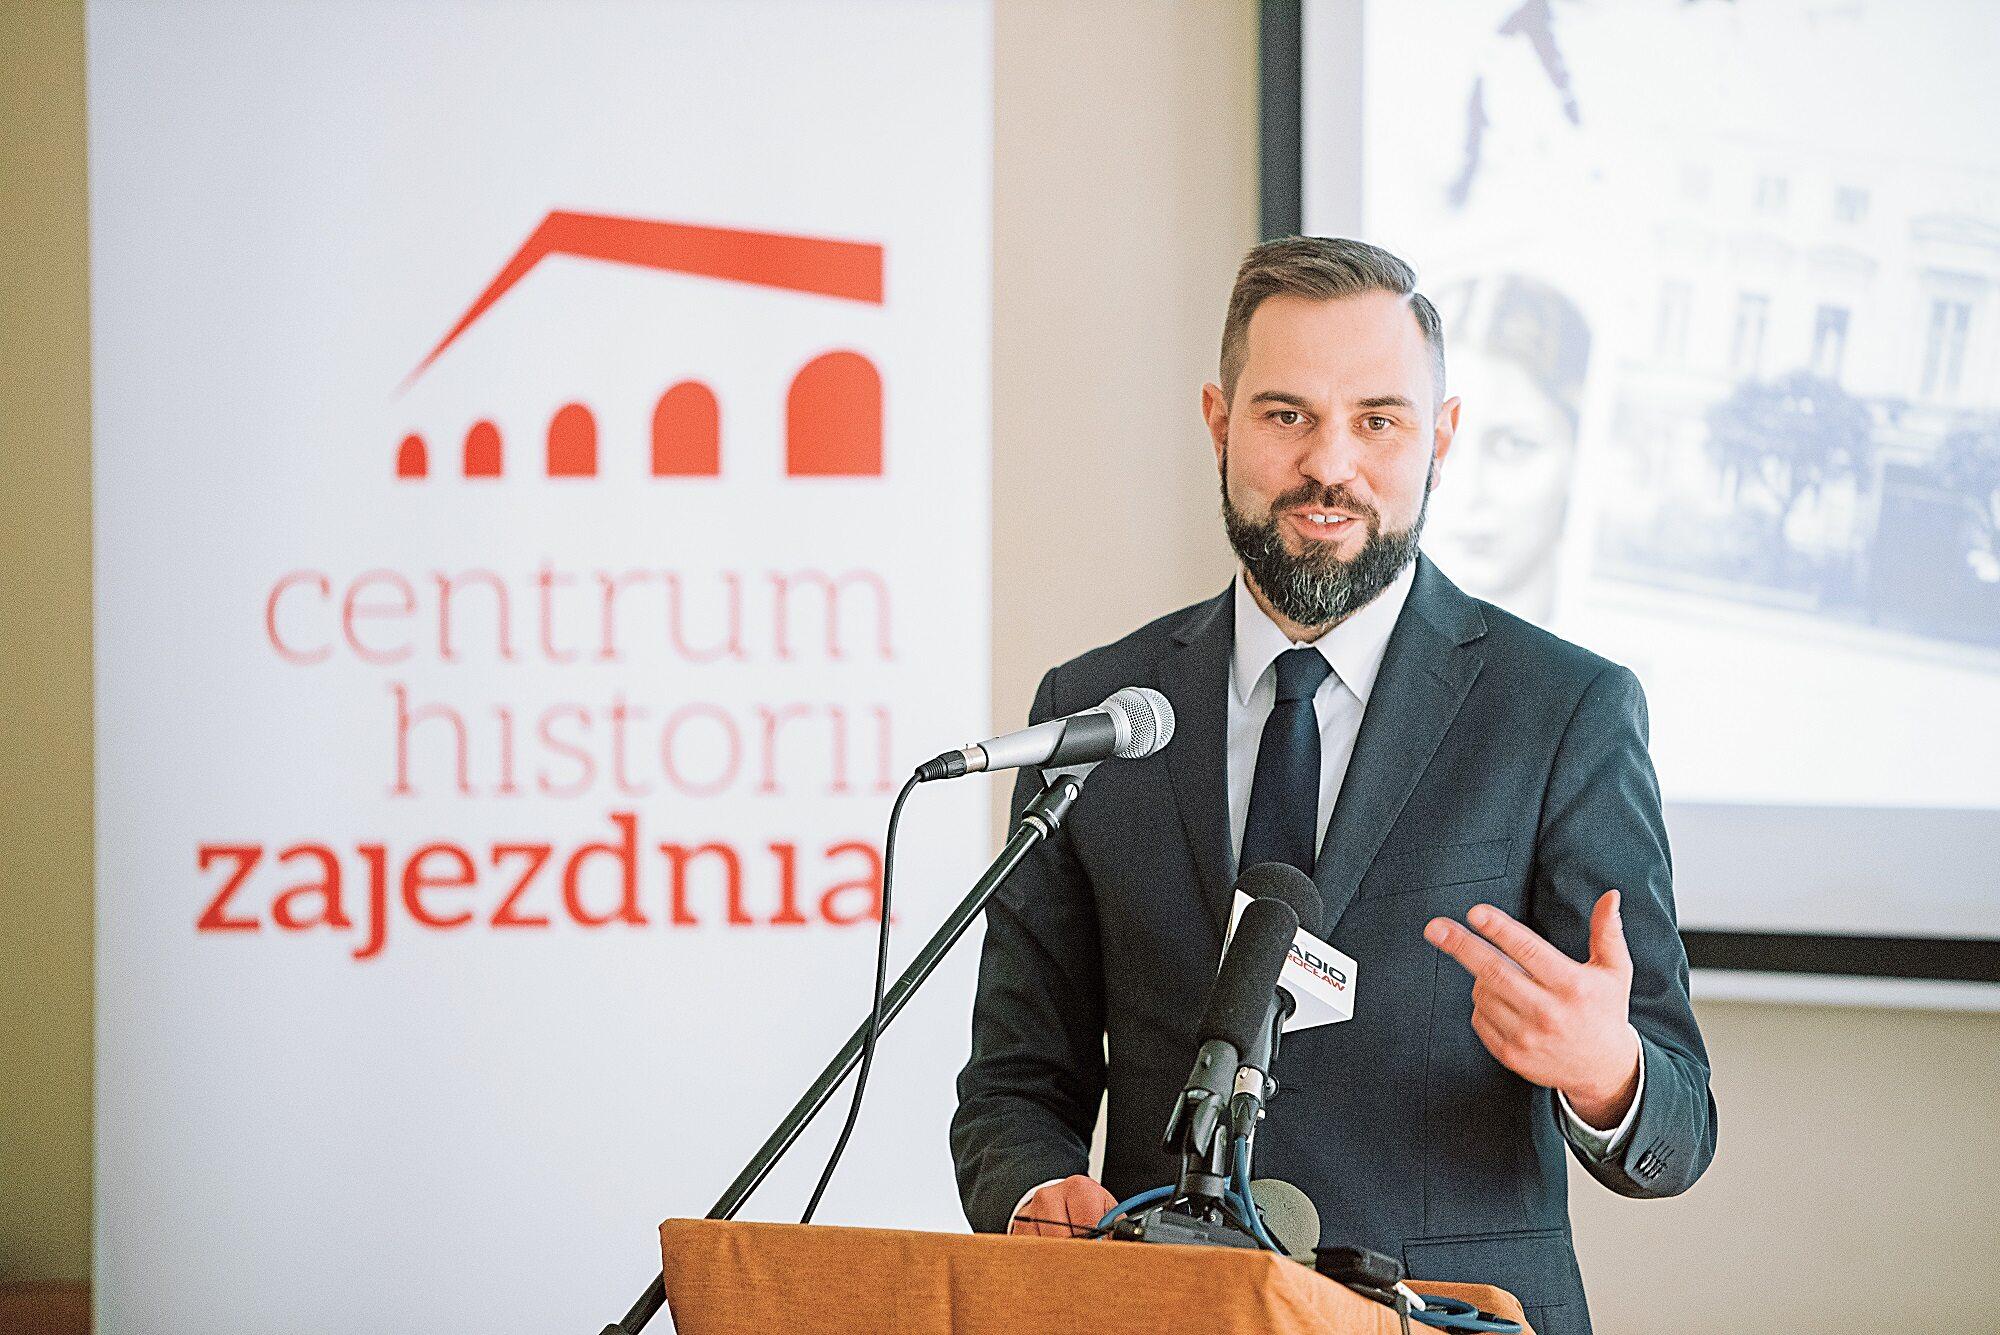 dr Marek Mutor, dyrektor Centrum Historii Zajezdnia we Wrocławiu